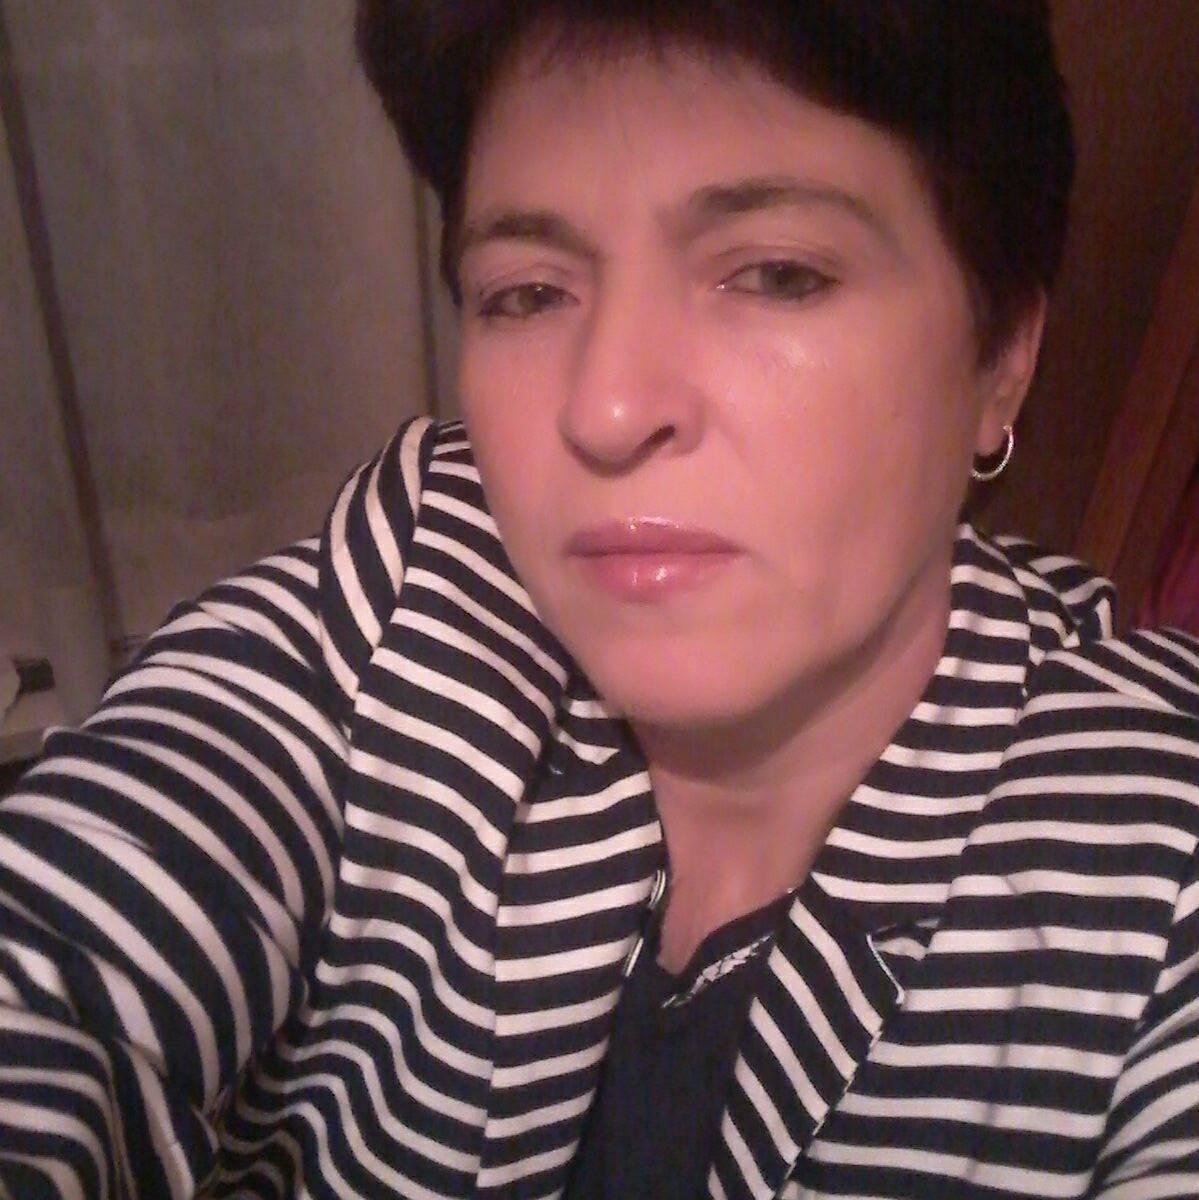 Baieti din VASLUI | Anunturi matrimoniale cu baieti din Vaslui | iristarmed.ro